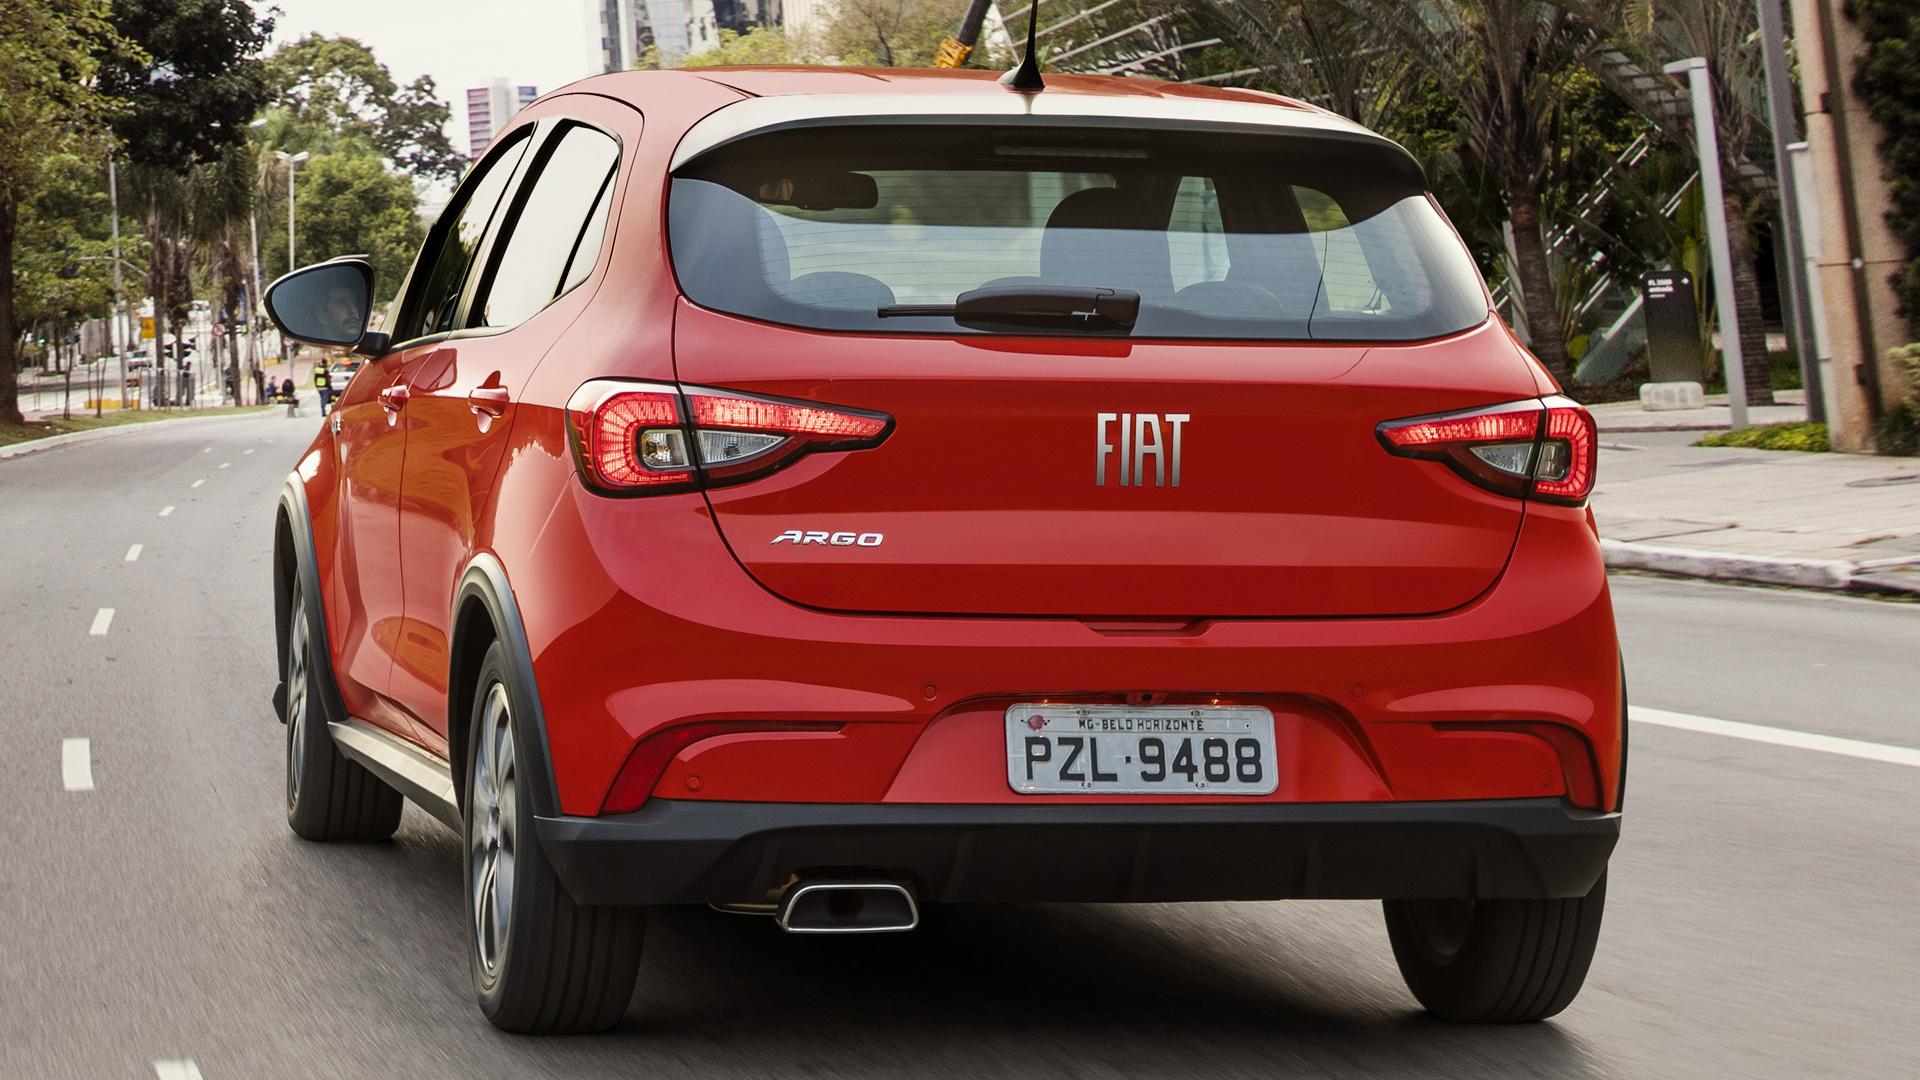 2017 Fiat Argo Hgt